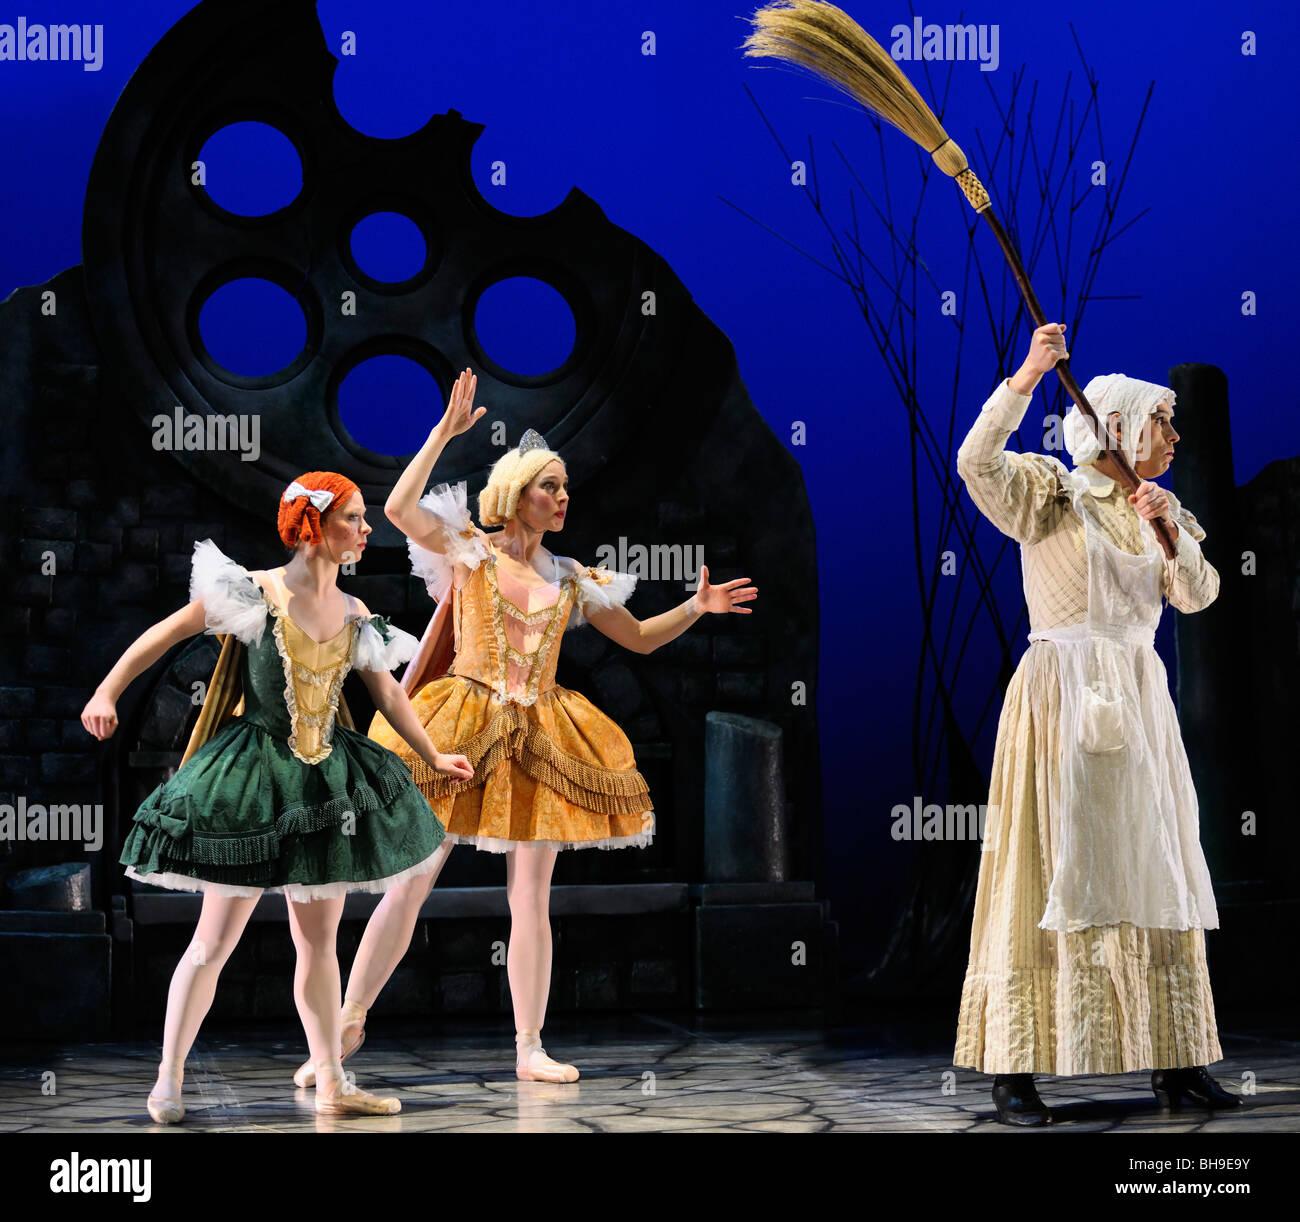 Stiefmutter und Stiefschwestern mit Besen durch die gute Fee im Ballett jorgen Produktion von Aschenputtel eingefroren Stockbild